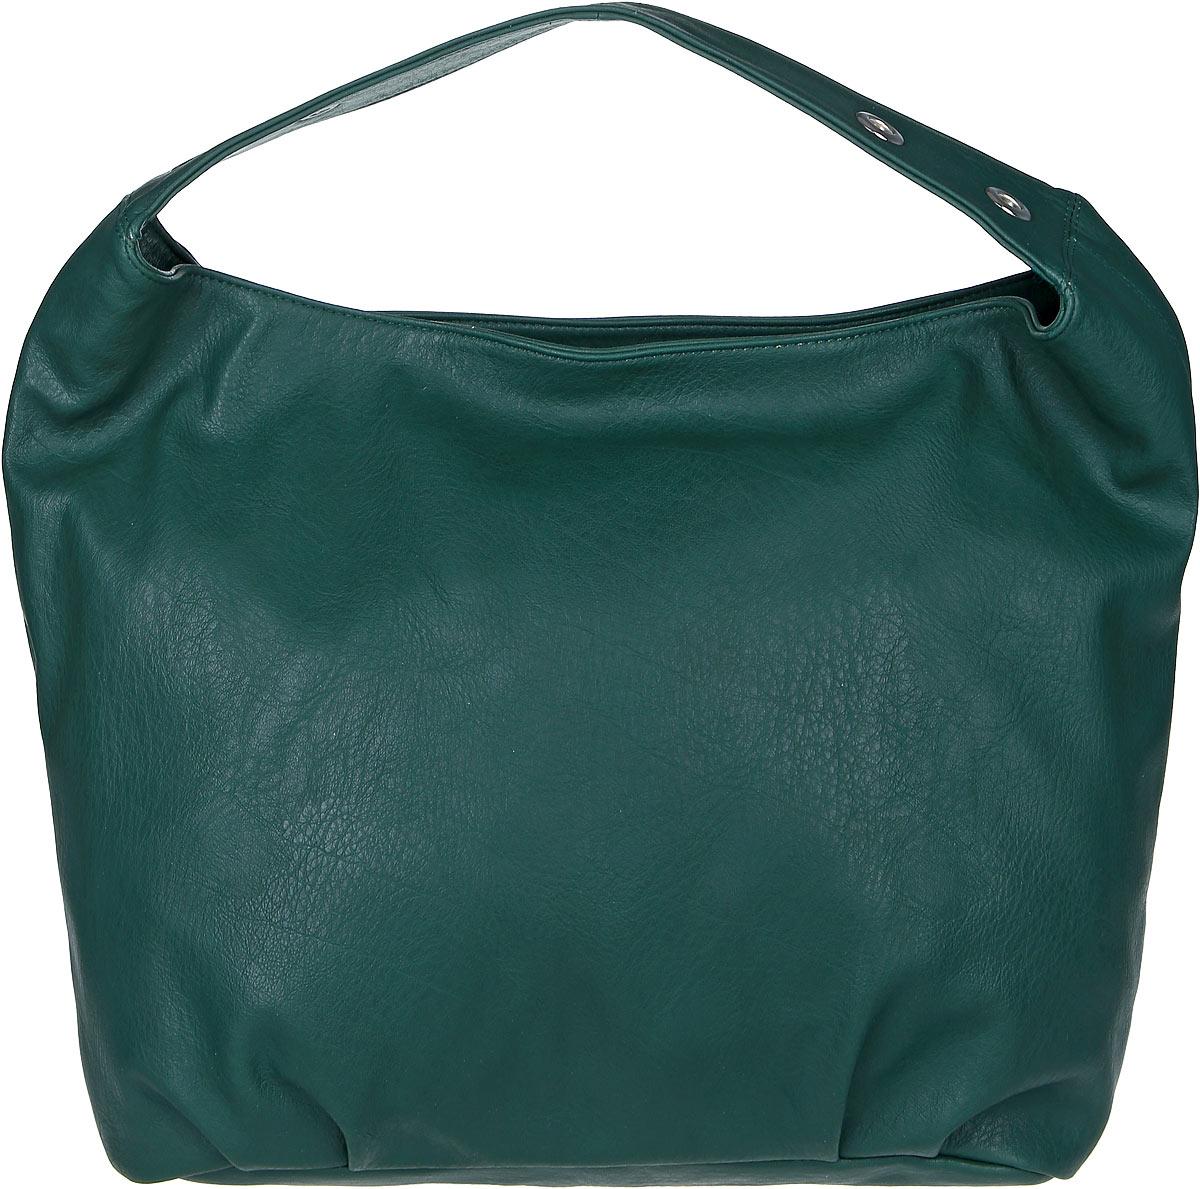 Сумка женская Медведково, цвет: темно-зеленый. 17с3246-к1417с3246-к14Массивная женская сумка Медведково выполнена из искусственной кожи. Модель с одним отделением. Внутри имеется два накладных кармана и прорезной карман на молнии. Задняя стенка дополнена прорезным карманом на молнии. Сумка оснащена ручкой с люверсами.